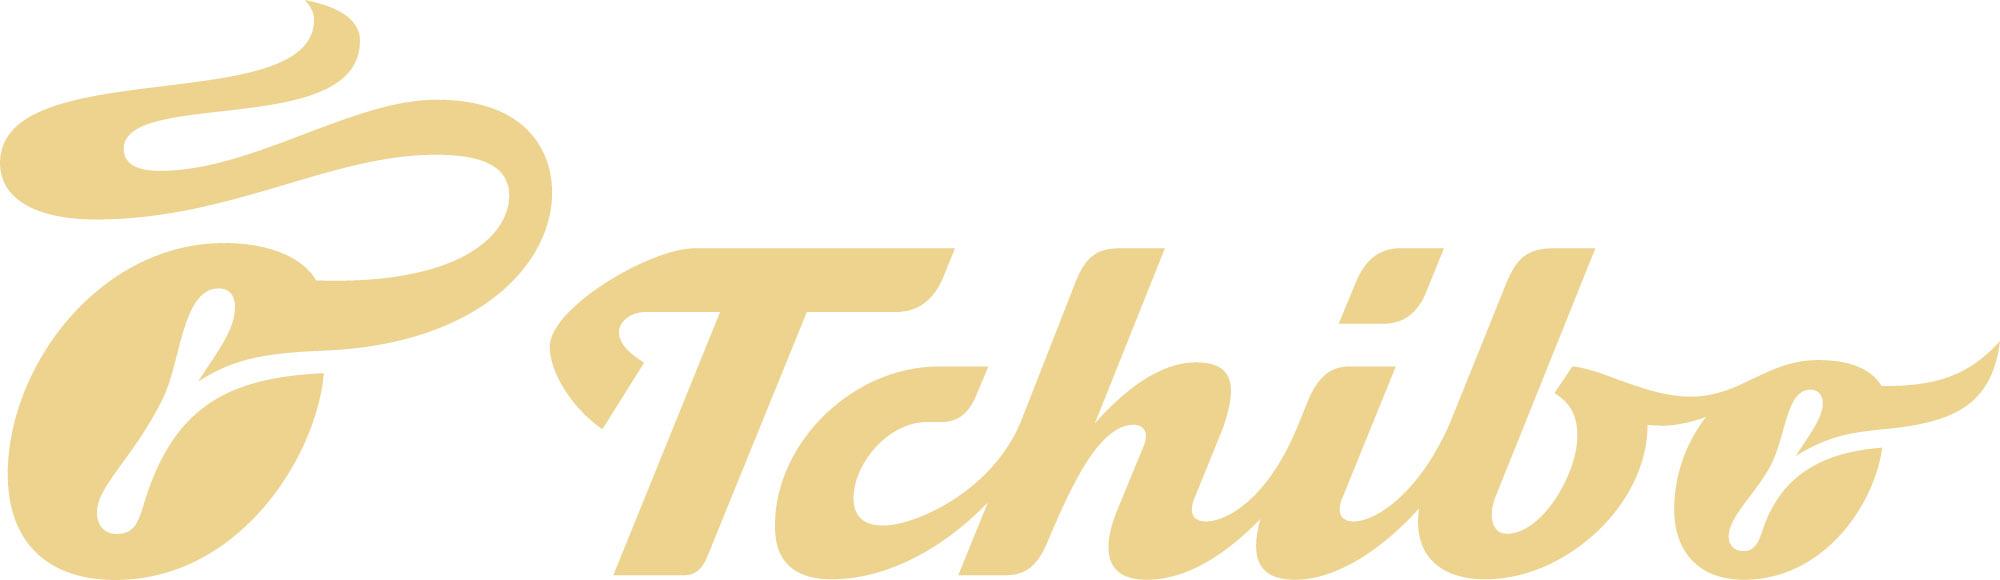 Bewusst leben & genießen mit Tchibo - Sponsor logo